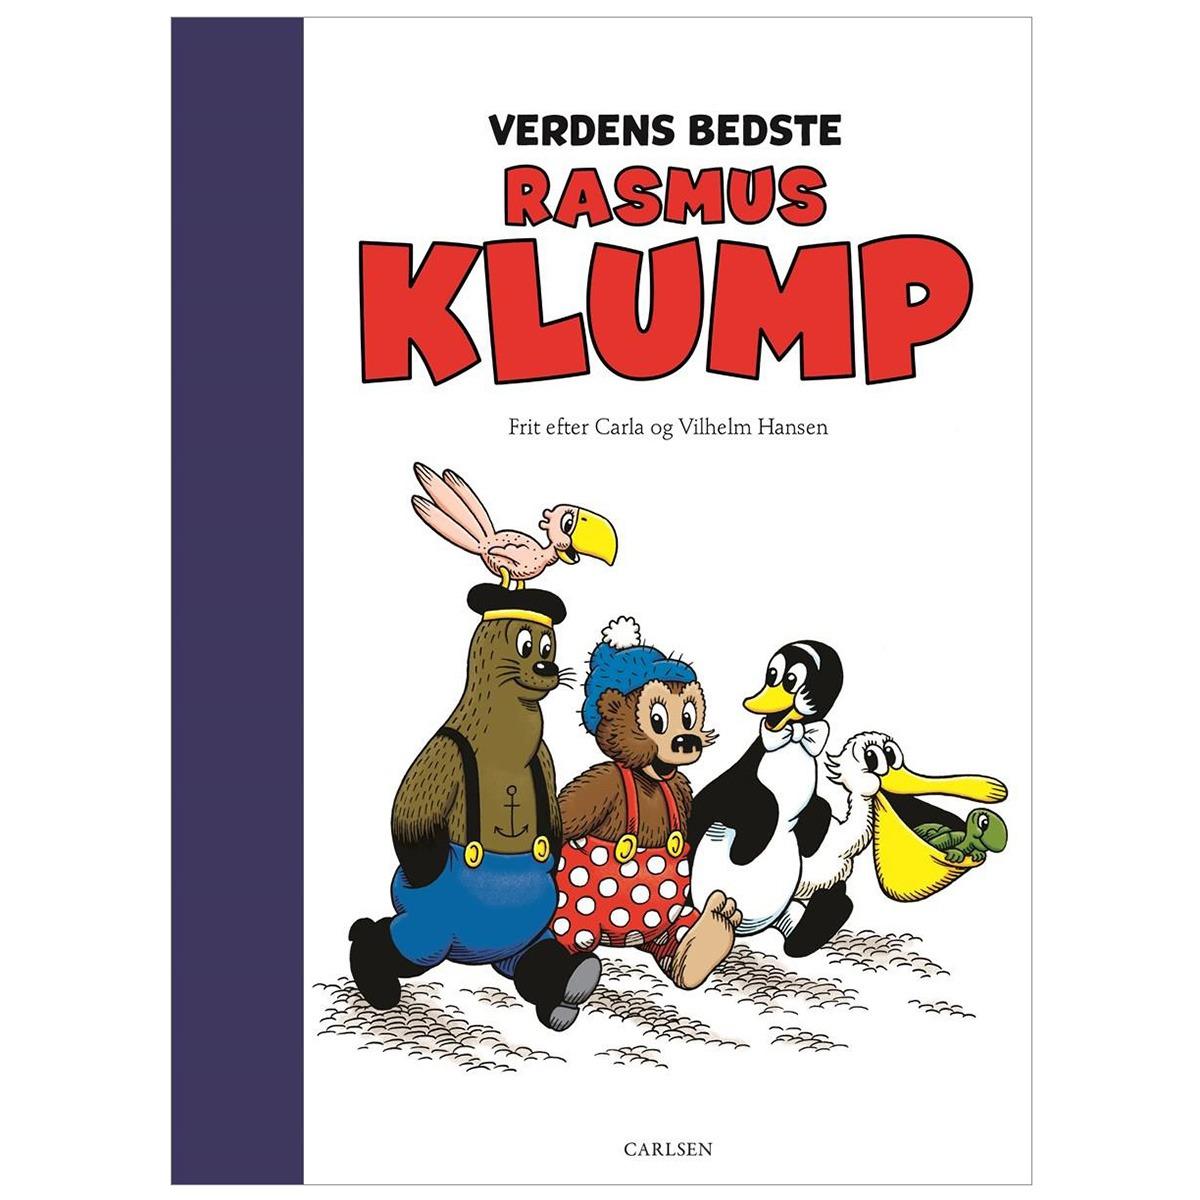 Børnebog - Verdens bedste Rasmus Klump